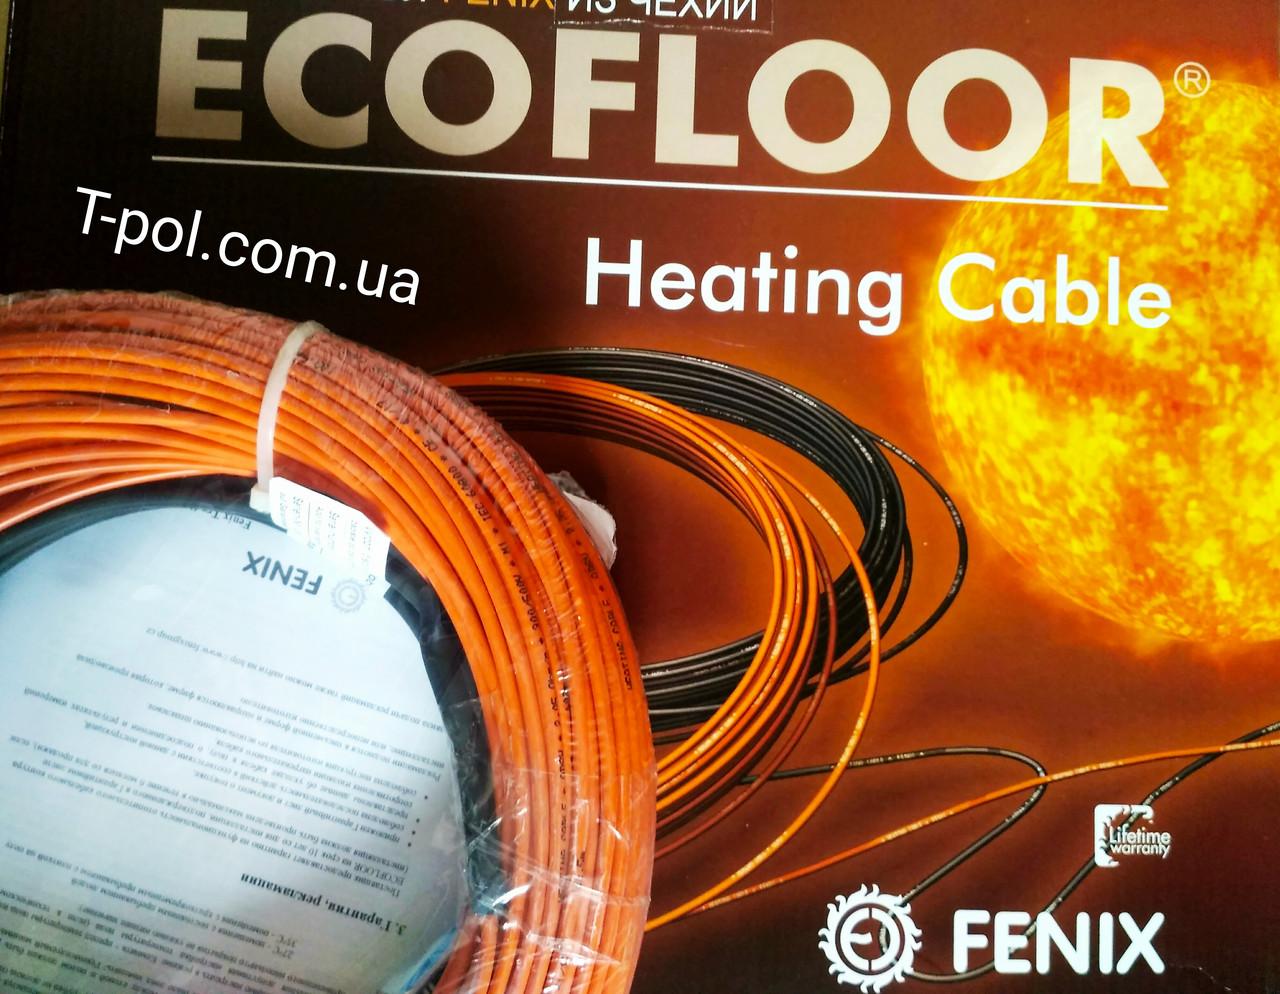 Тепла підлога двожильний кабель 46,1 м в стяжку Fenix adsv18 830 вт на 5,5 м2